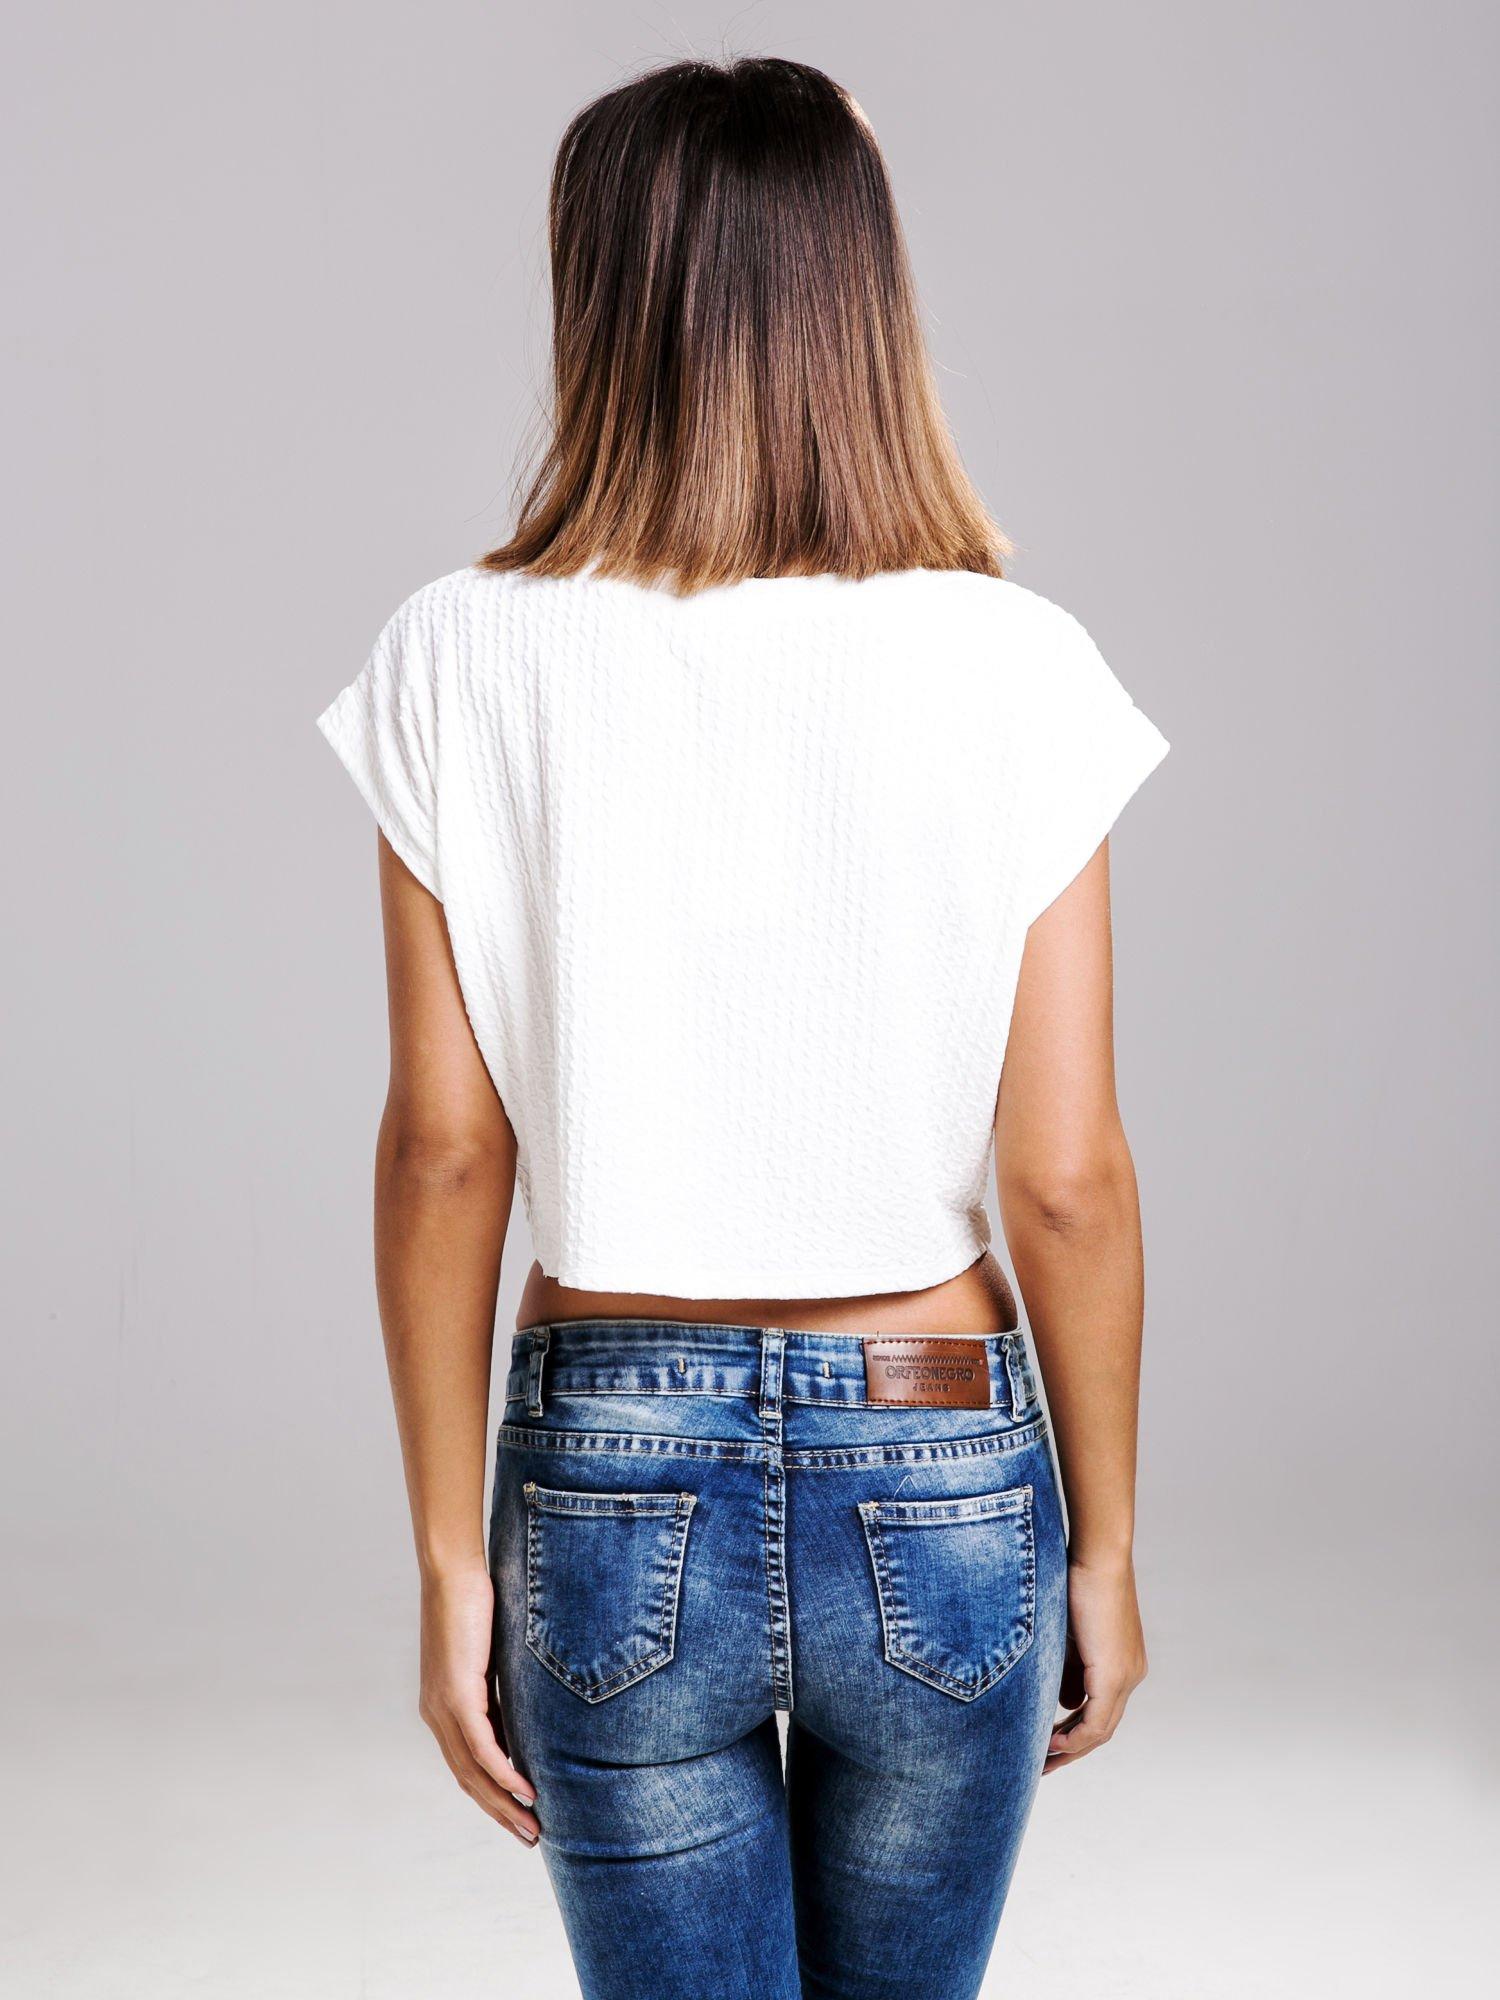 STRADIVARIUS Biały fakturowany t-shirt typu cropped                                  zdj.                                  2